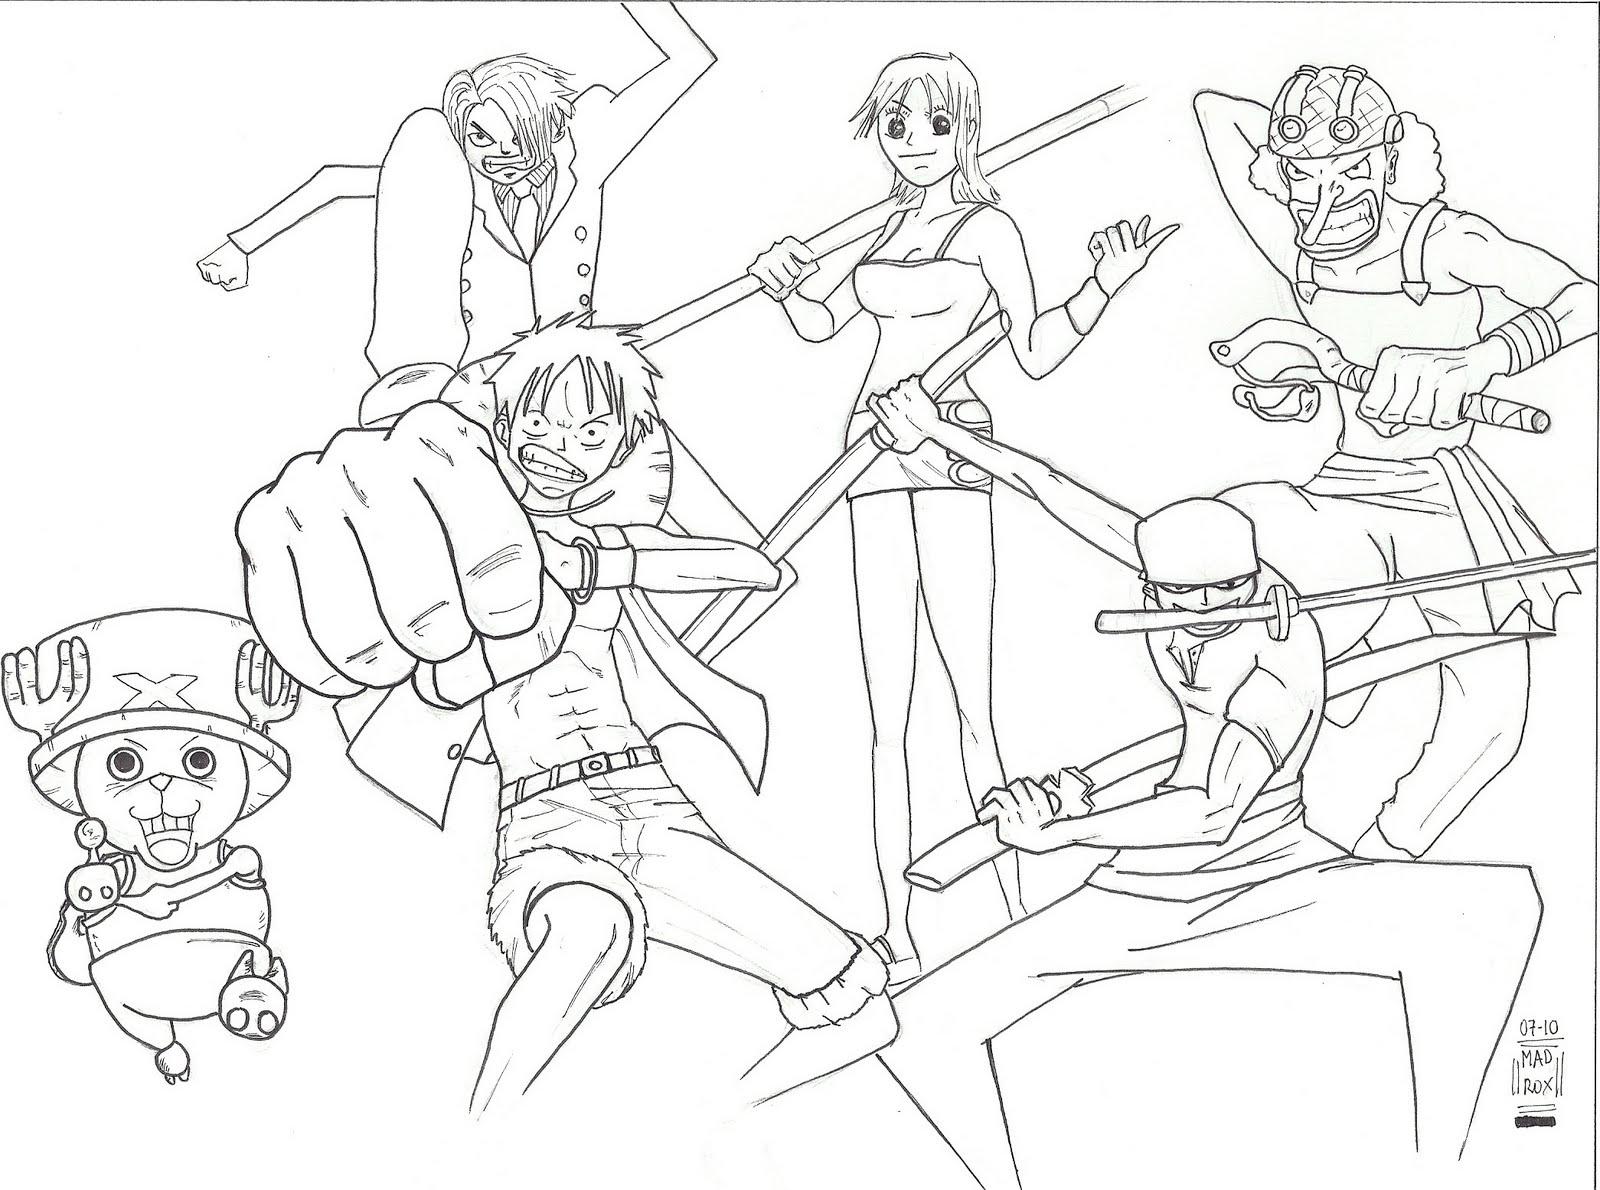 Dibujos y anime descargar y pintar for Dibujos one piece